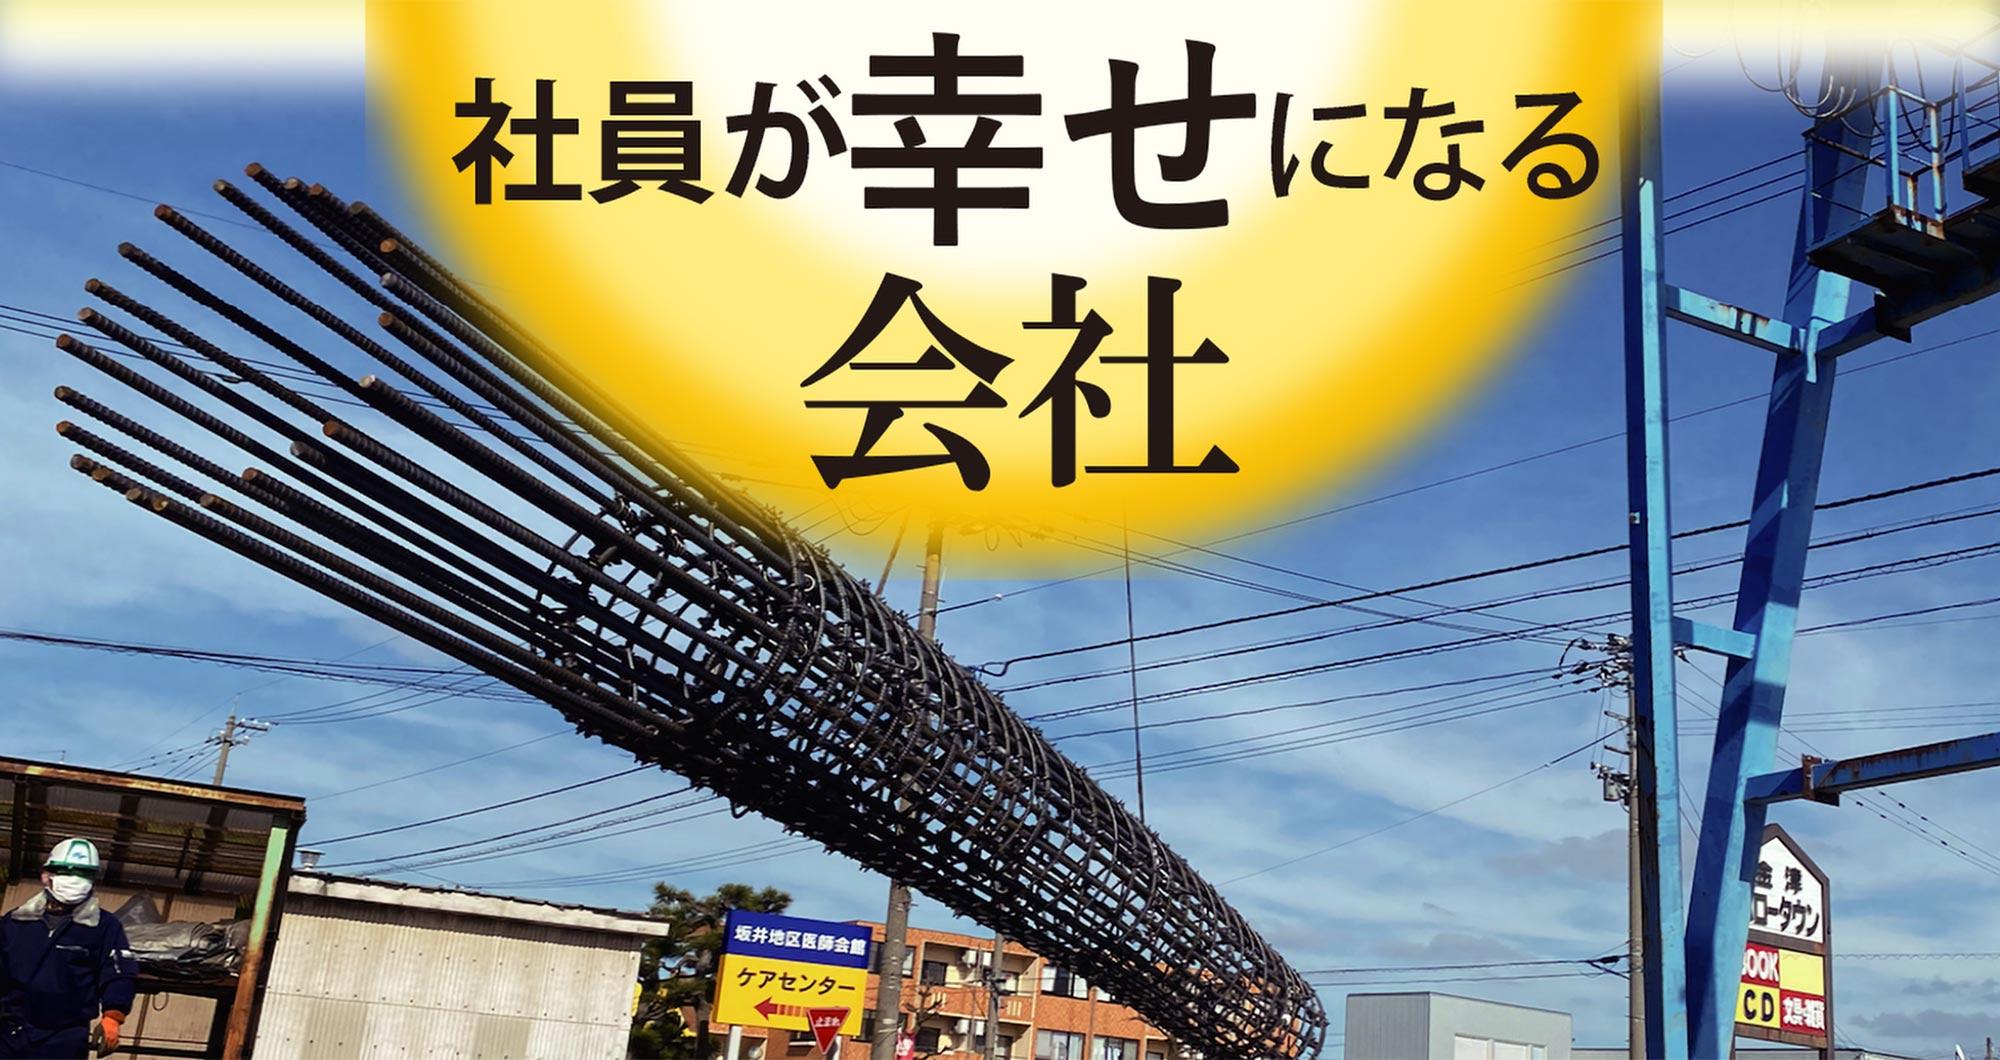 株式会社山鉄工業は社員が幸せになる会社です